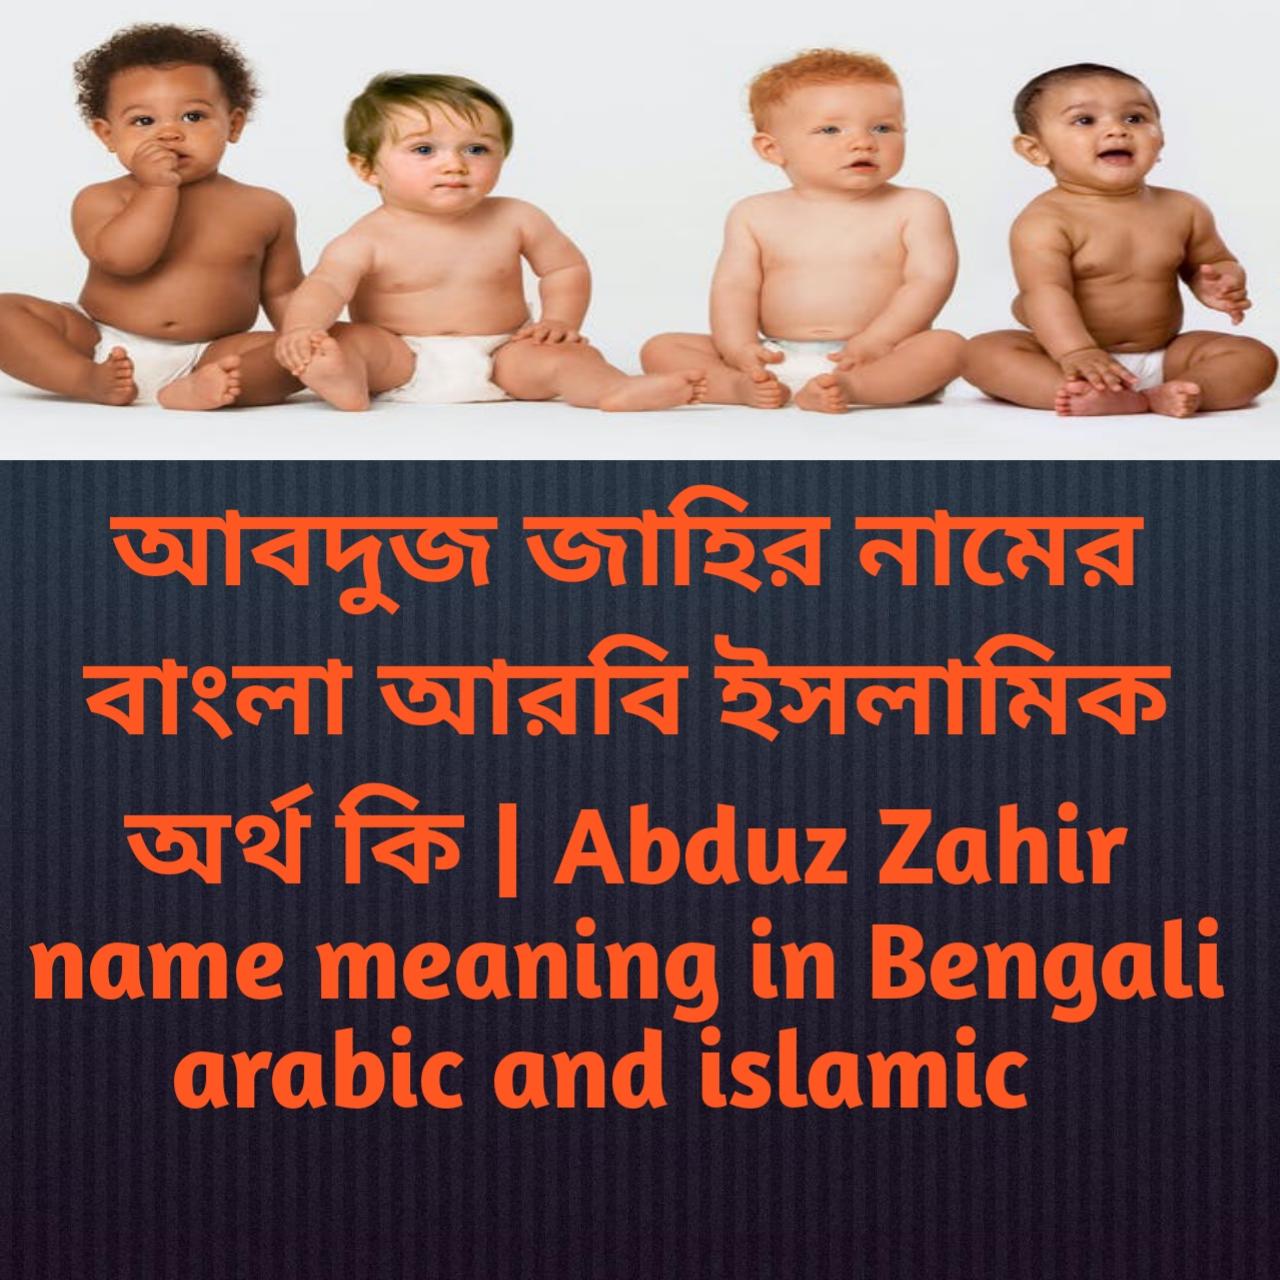 আবদুজ জাহির নামের অর্থ কি, আবদুজ জাহির নামের বাংলা অর্থ কি, আবদুজ জাহির নামের ইসলামিক অর্থ কি, Abduz Zahir name meaning in Bengali, আবদুজ জাহির কি ইসলামিক নাম,